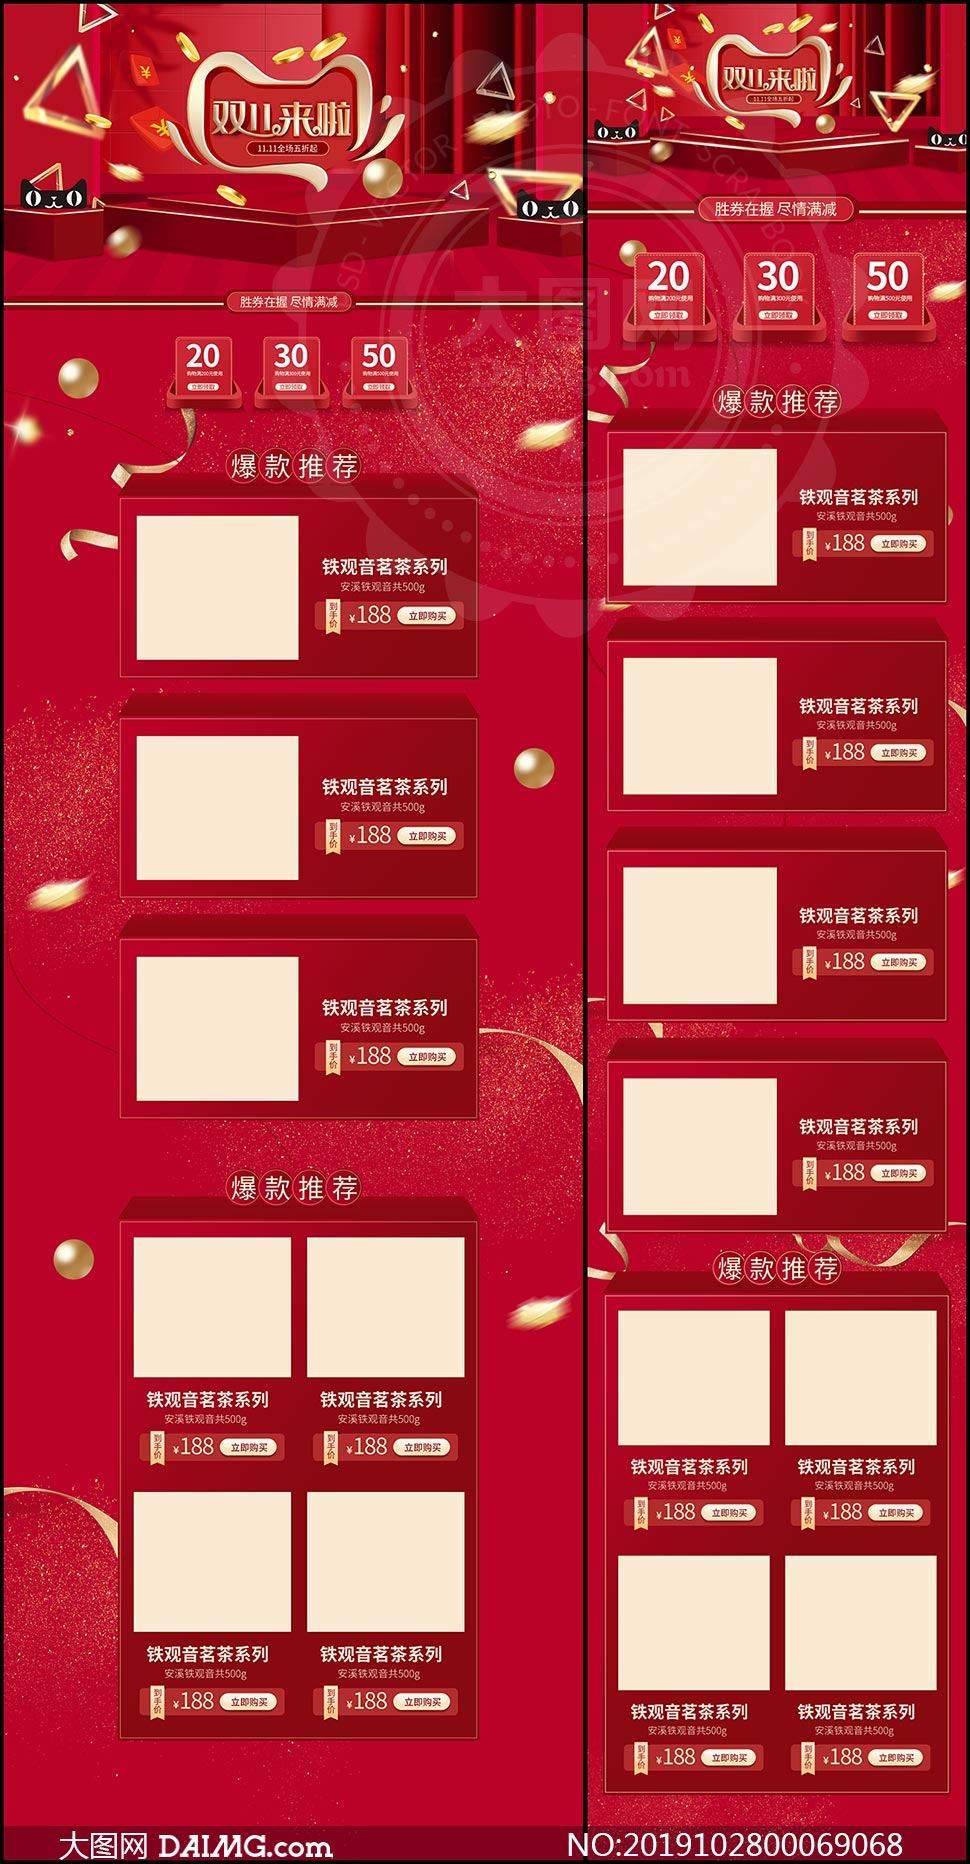 天貓茶葉店雙11首頁設計模板PSD素材